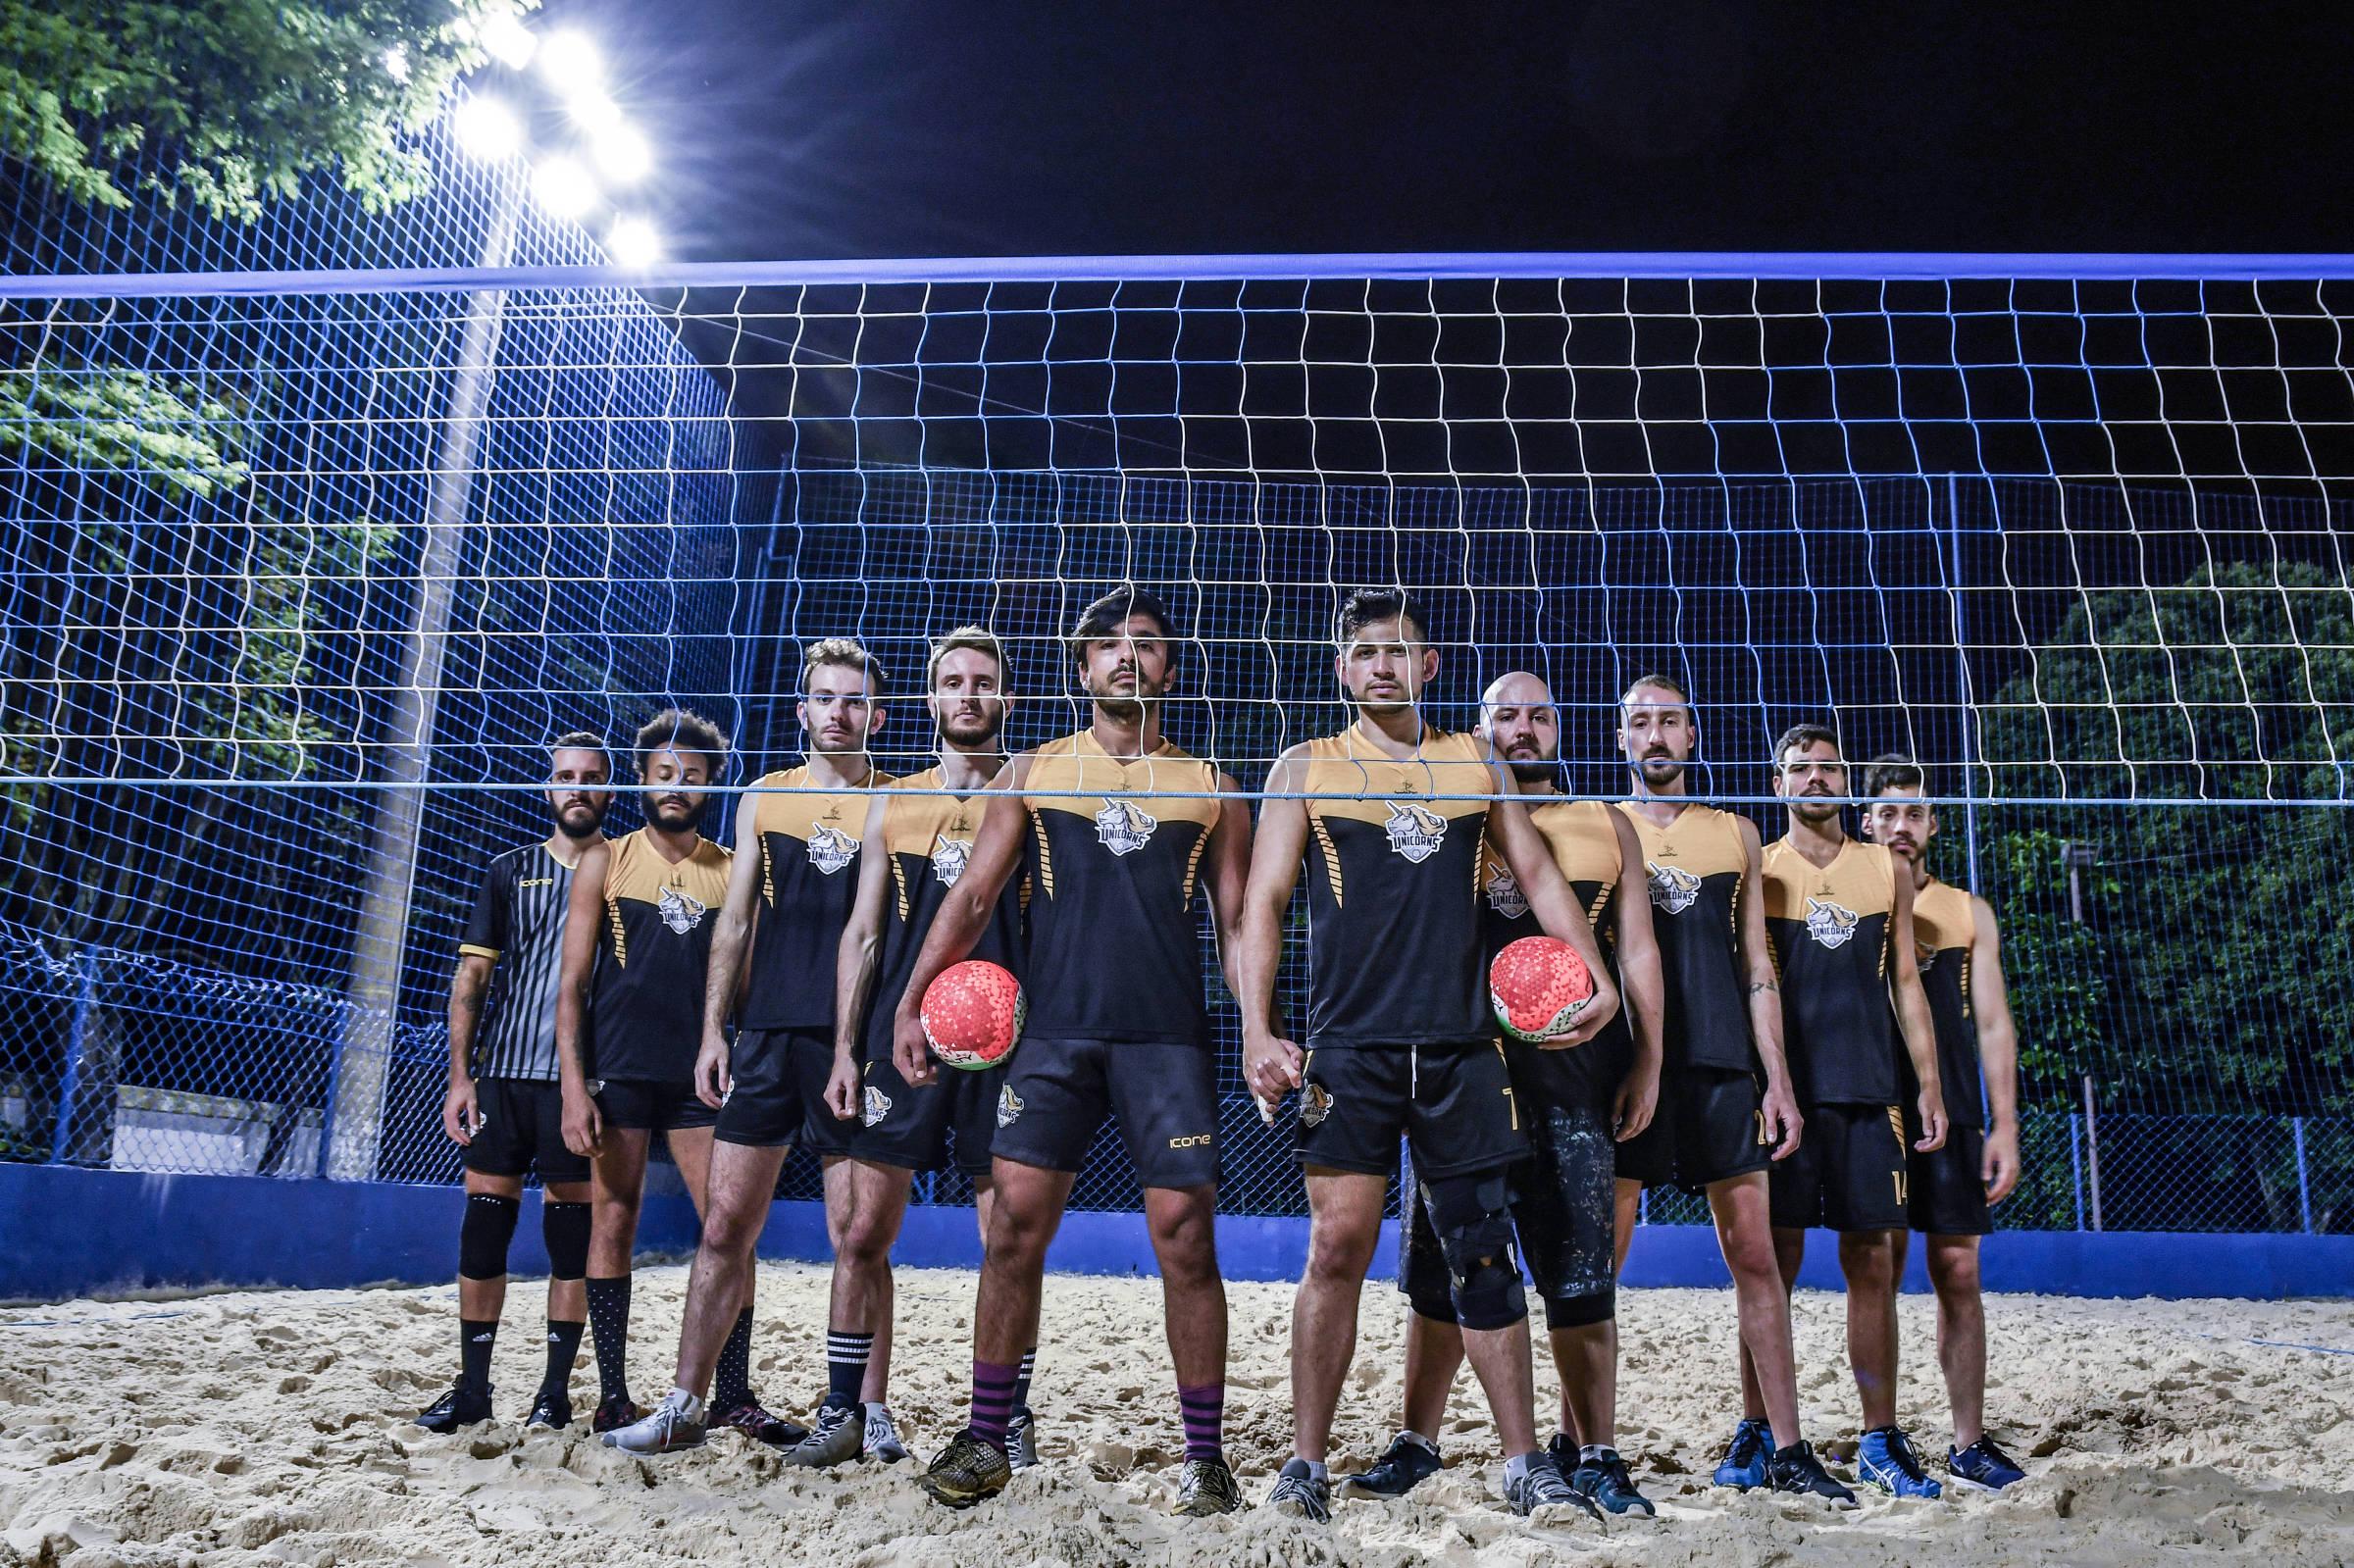 Time LGBT diz ter sido alvo de discriminação por sócios de clube em São  Paulo - 26 02 2019 - Esporte - Folha cfb36a440e456